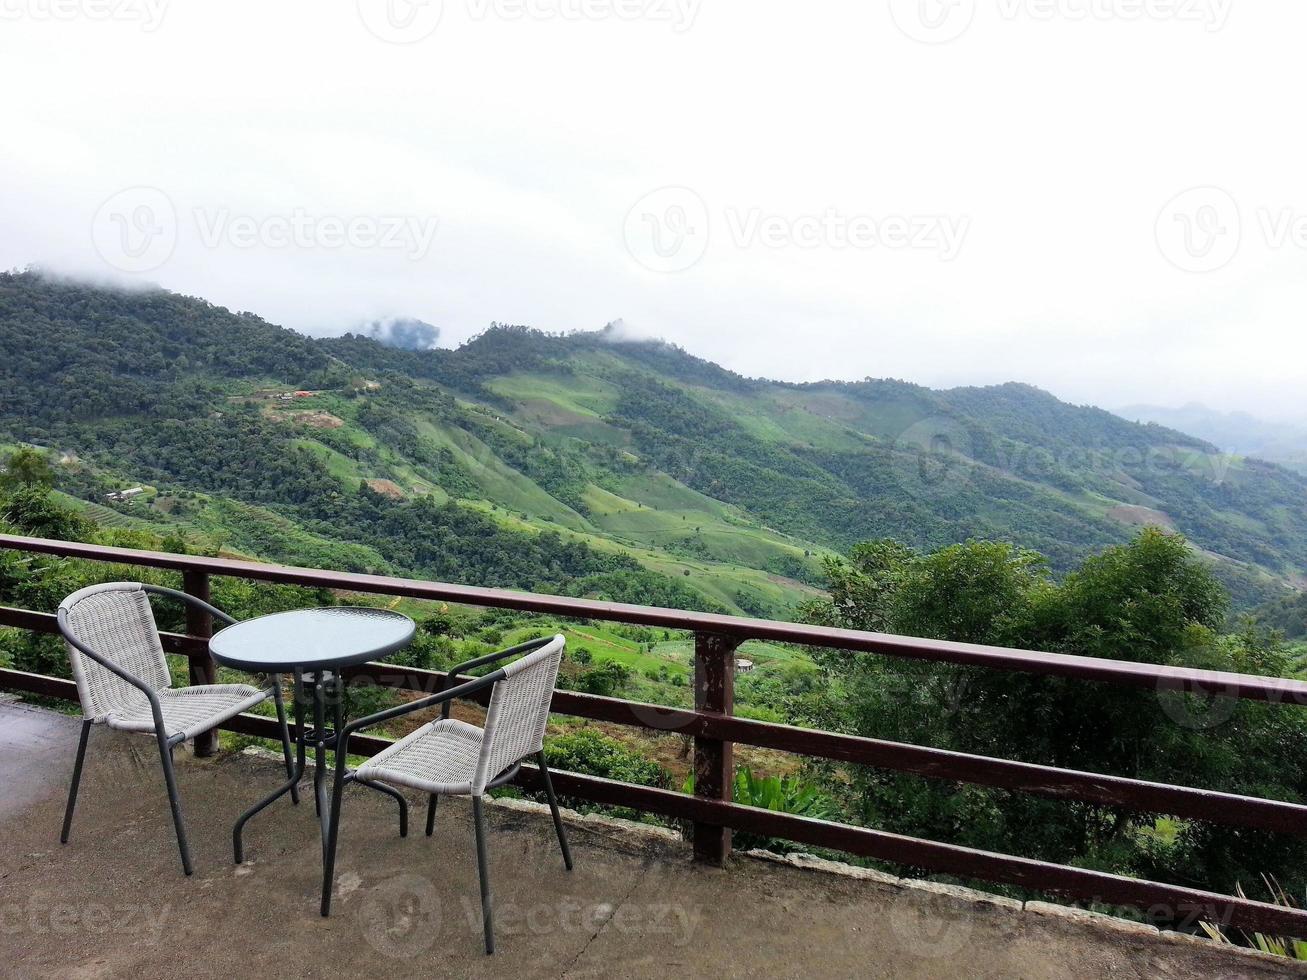 mesa de centro posta para dois com vista panorâmica da montanha foto